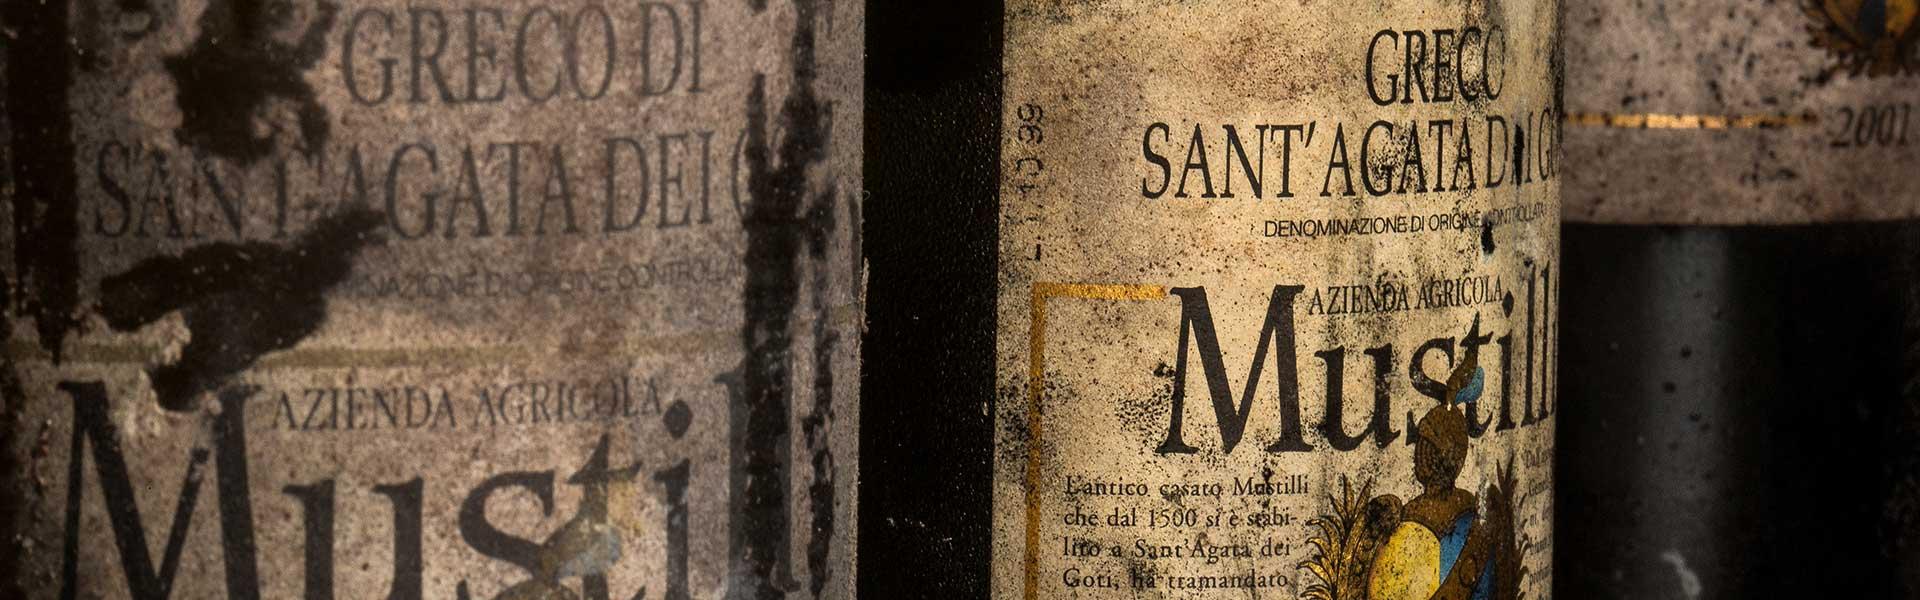 Risultati immagini per mustilli vini